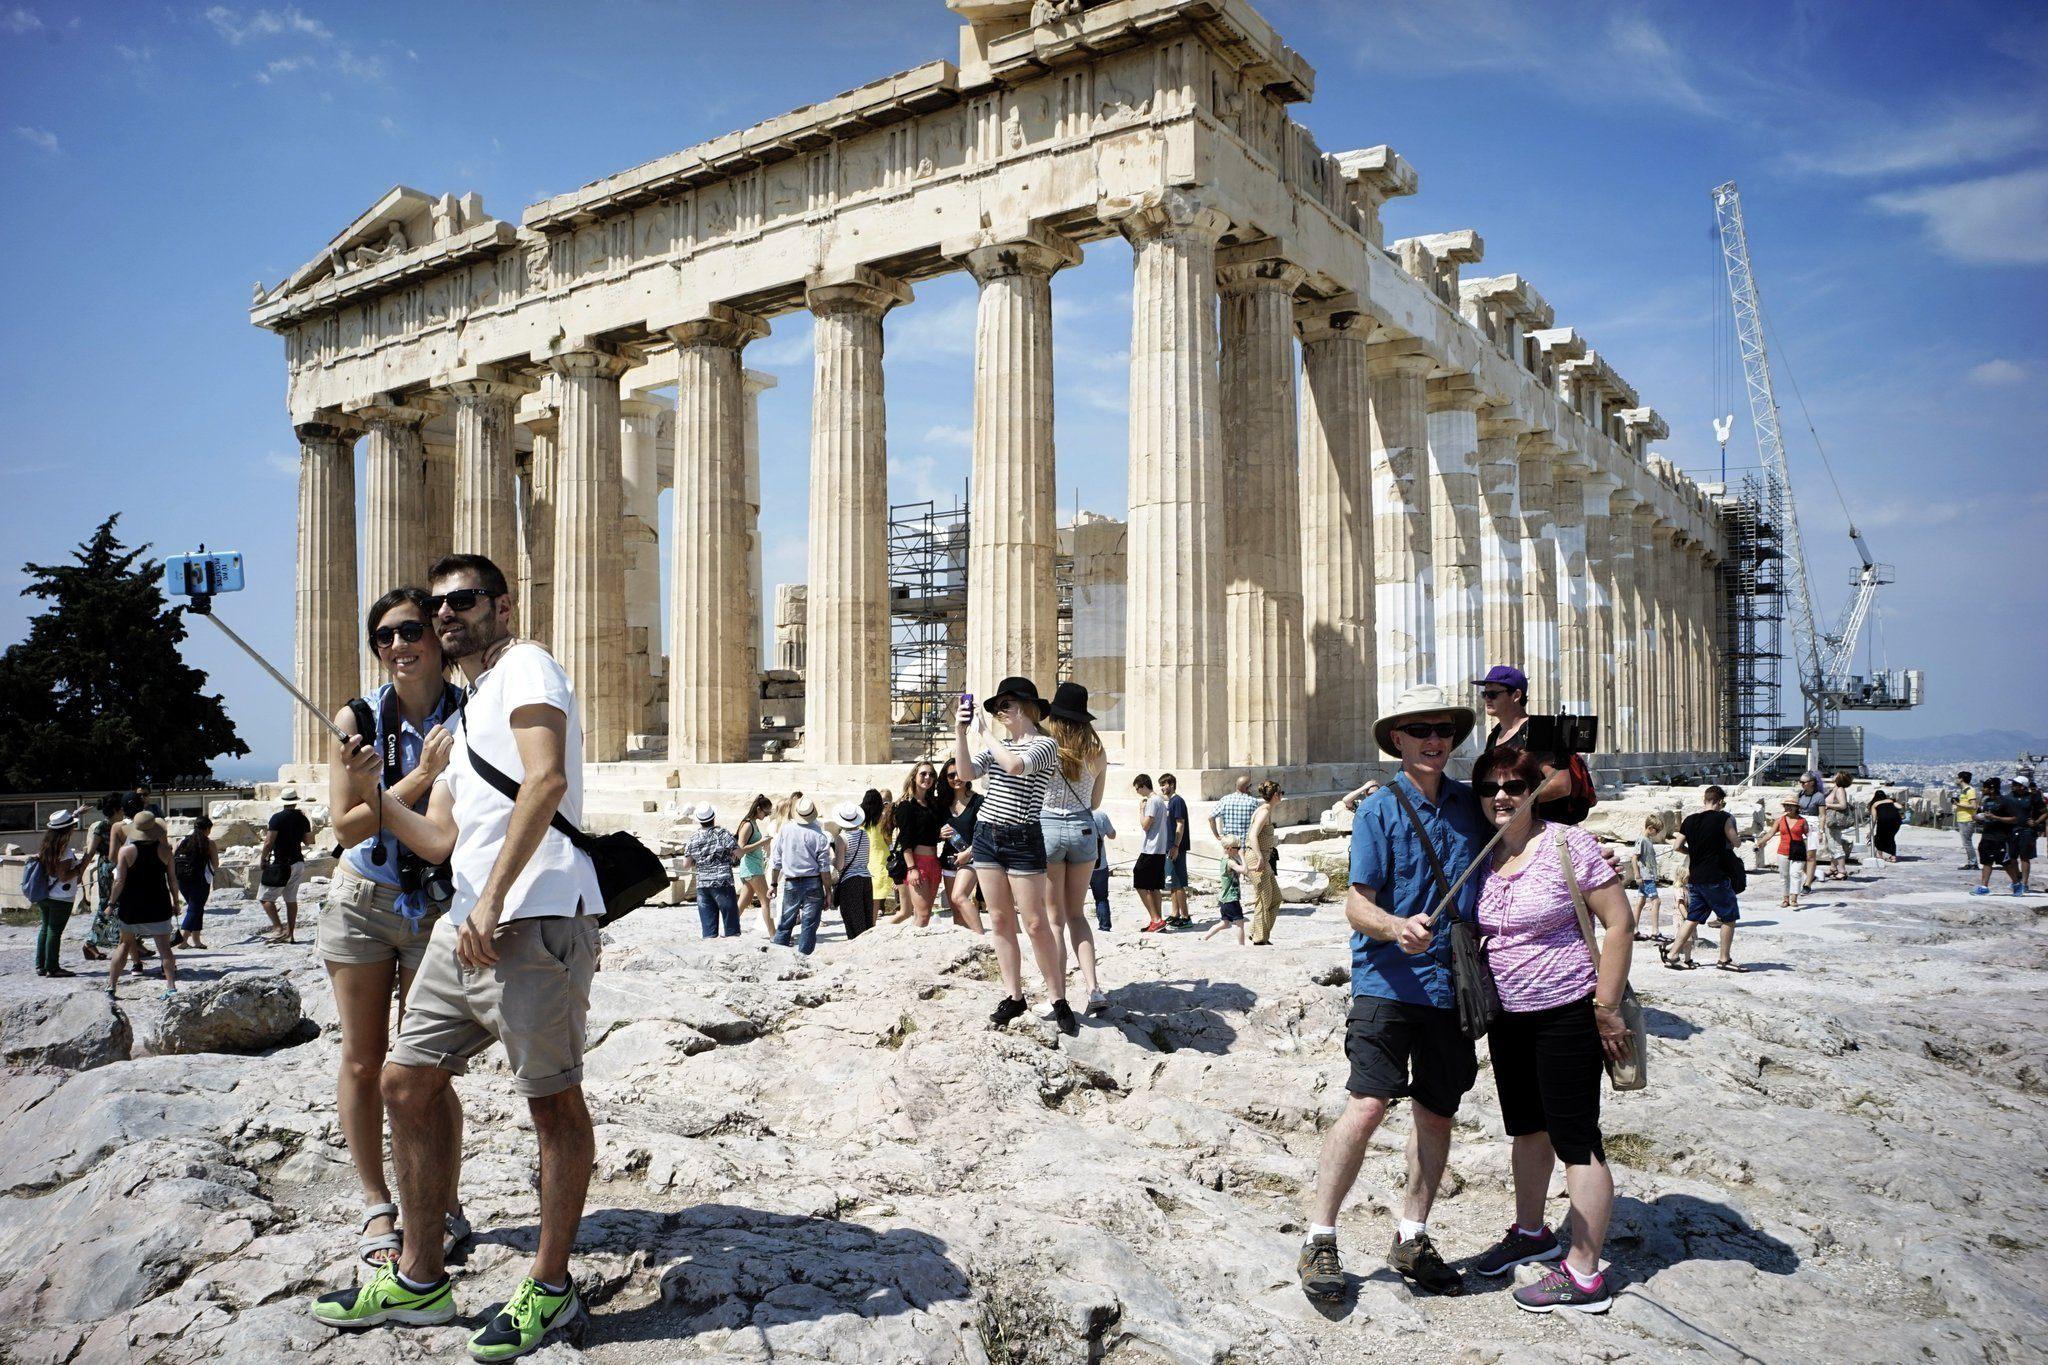 Πάνω από ένα εκατ. Βούλγαροι επισκέφθηκαν την Ελλάδα το 2018